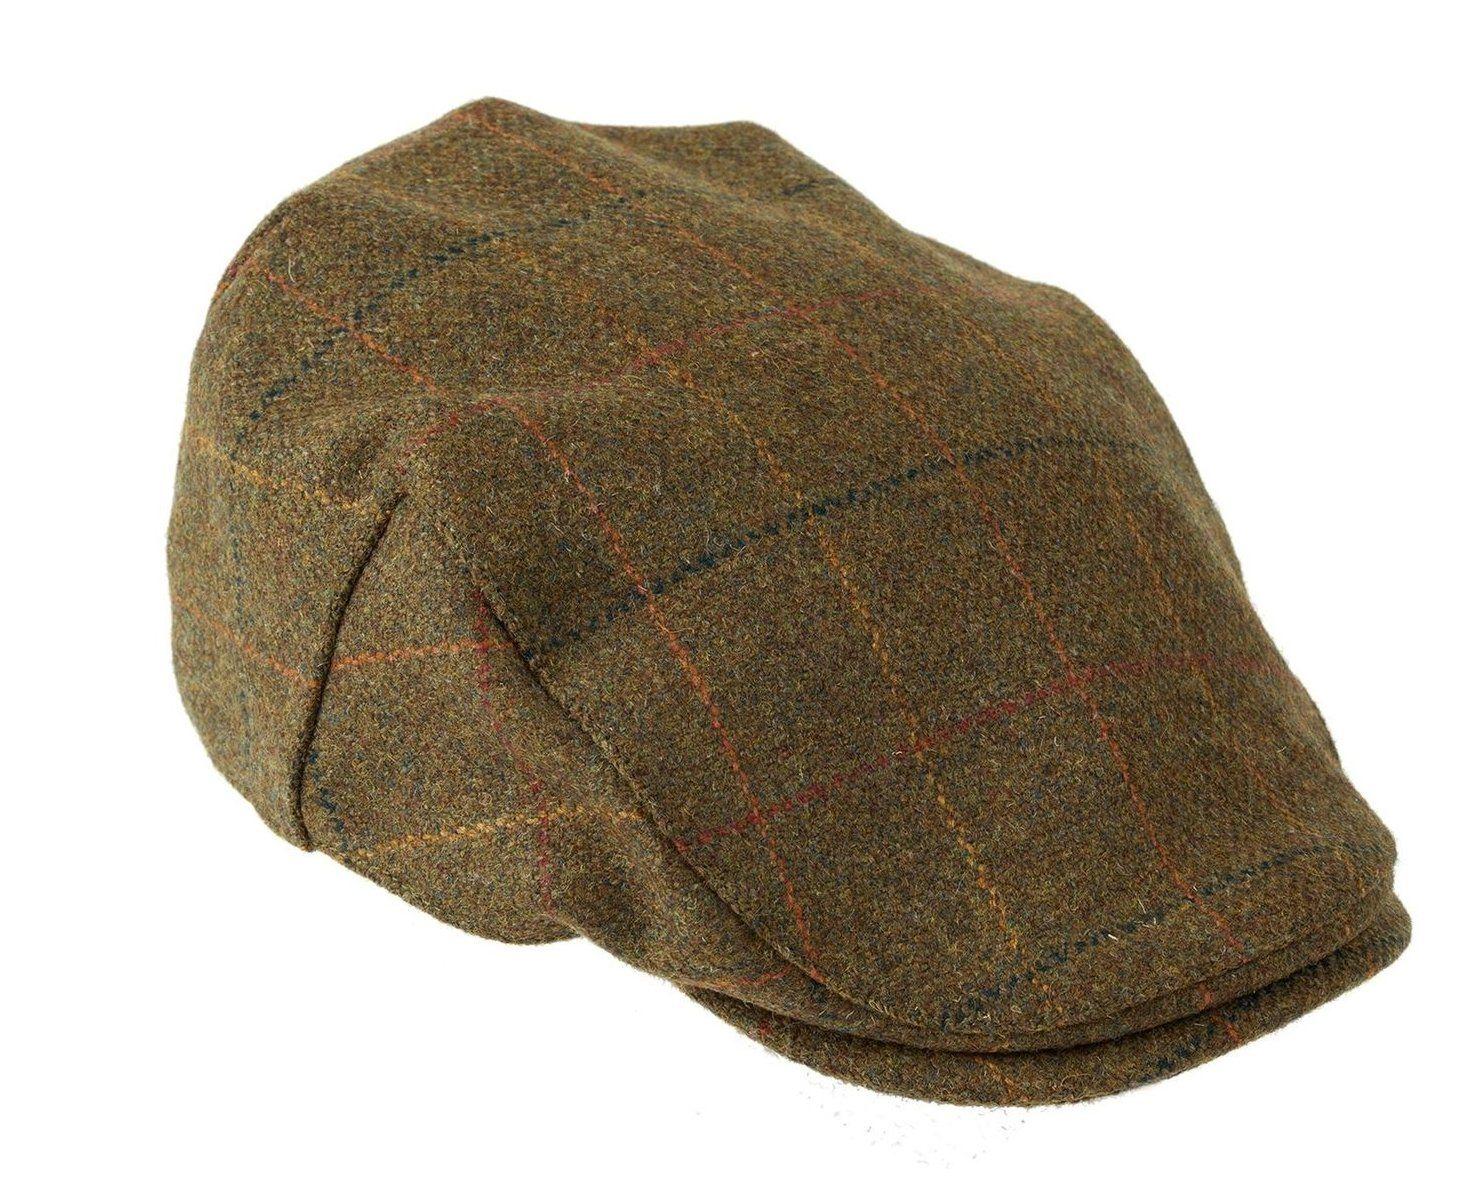 Shetland Wool Kinloch Waterproof Tweed Flat Cap in Brown with Check Pattern  by Heather Hats eae8af5bdb29